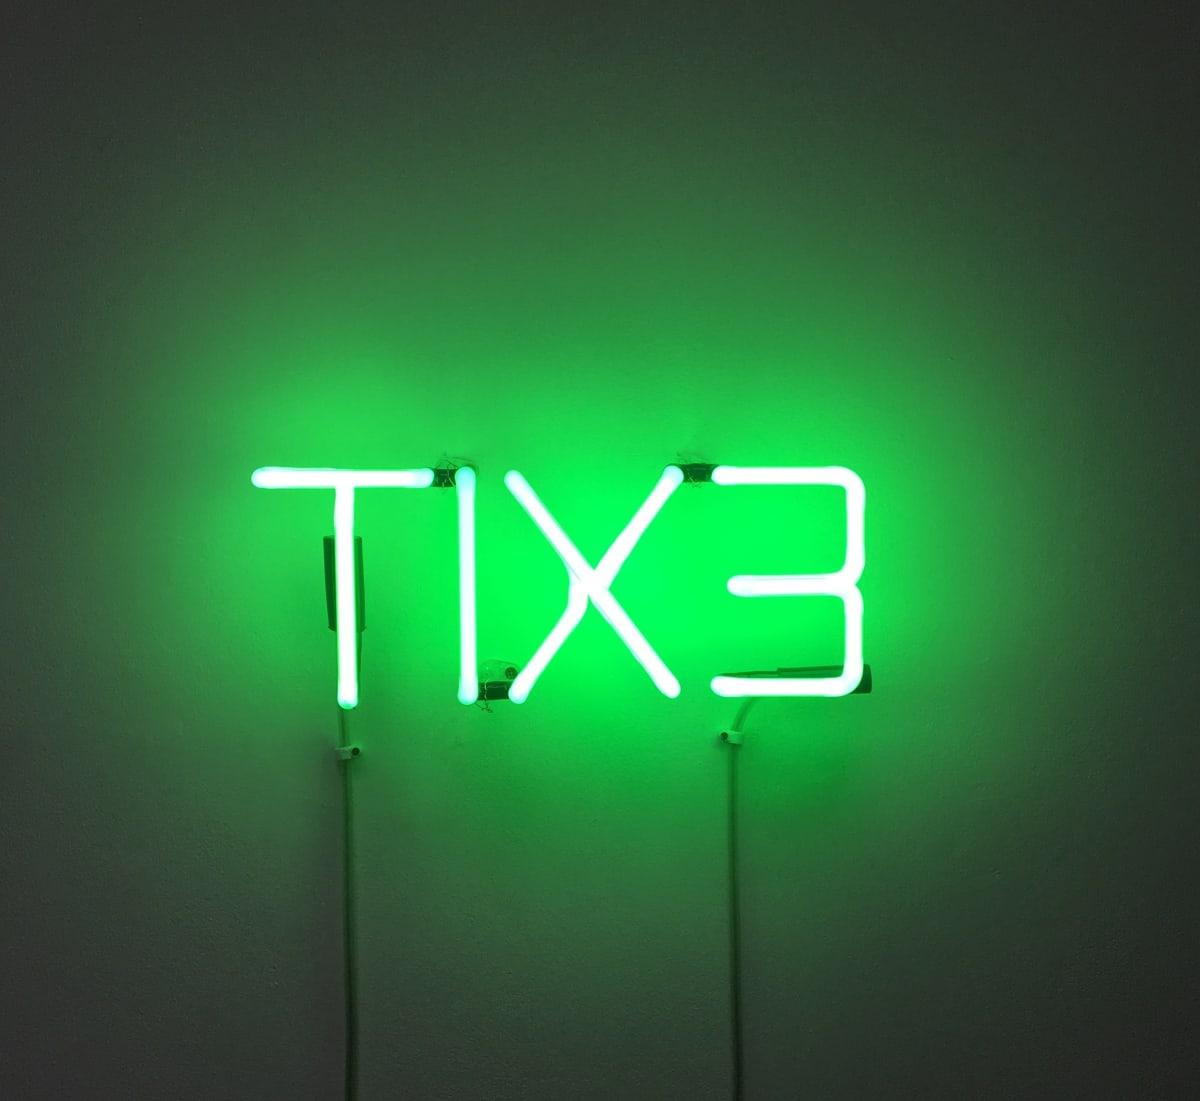 Cerith Wyn Evans TIX3, 1994 Neon. Edition of 10. AP 1 of 2 12.7 x 33 cm 10 plus 2 AP's